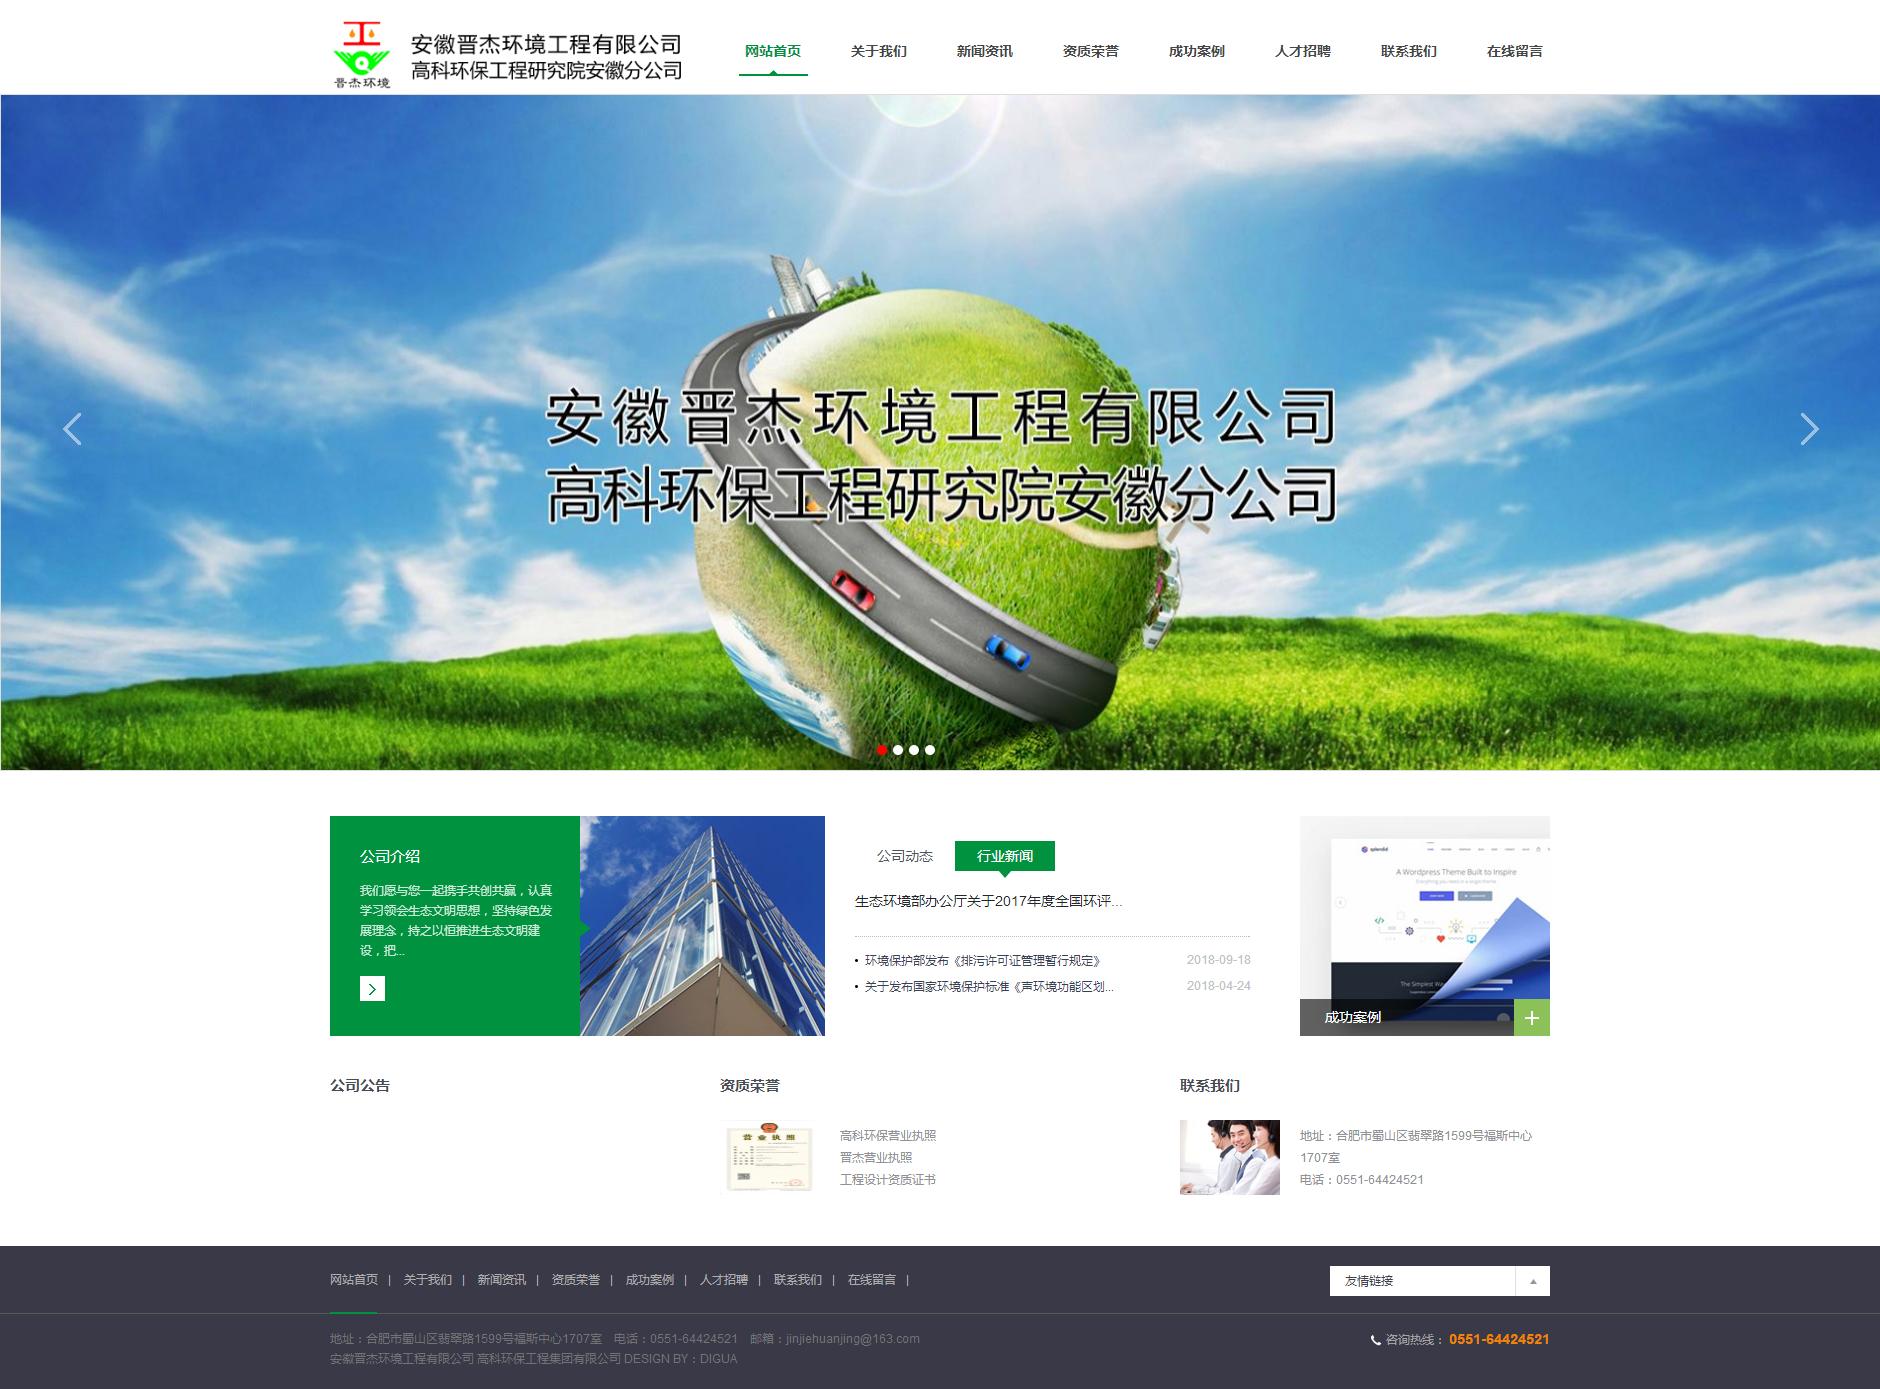 3.安徽晋杰环境工程有限公司.png